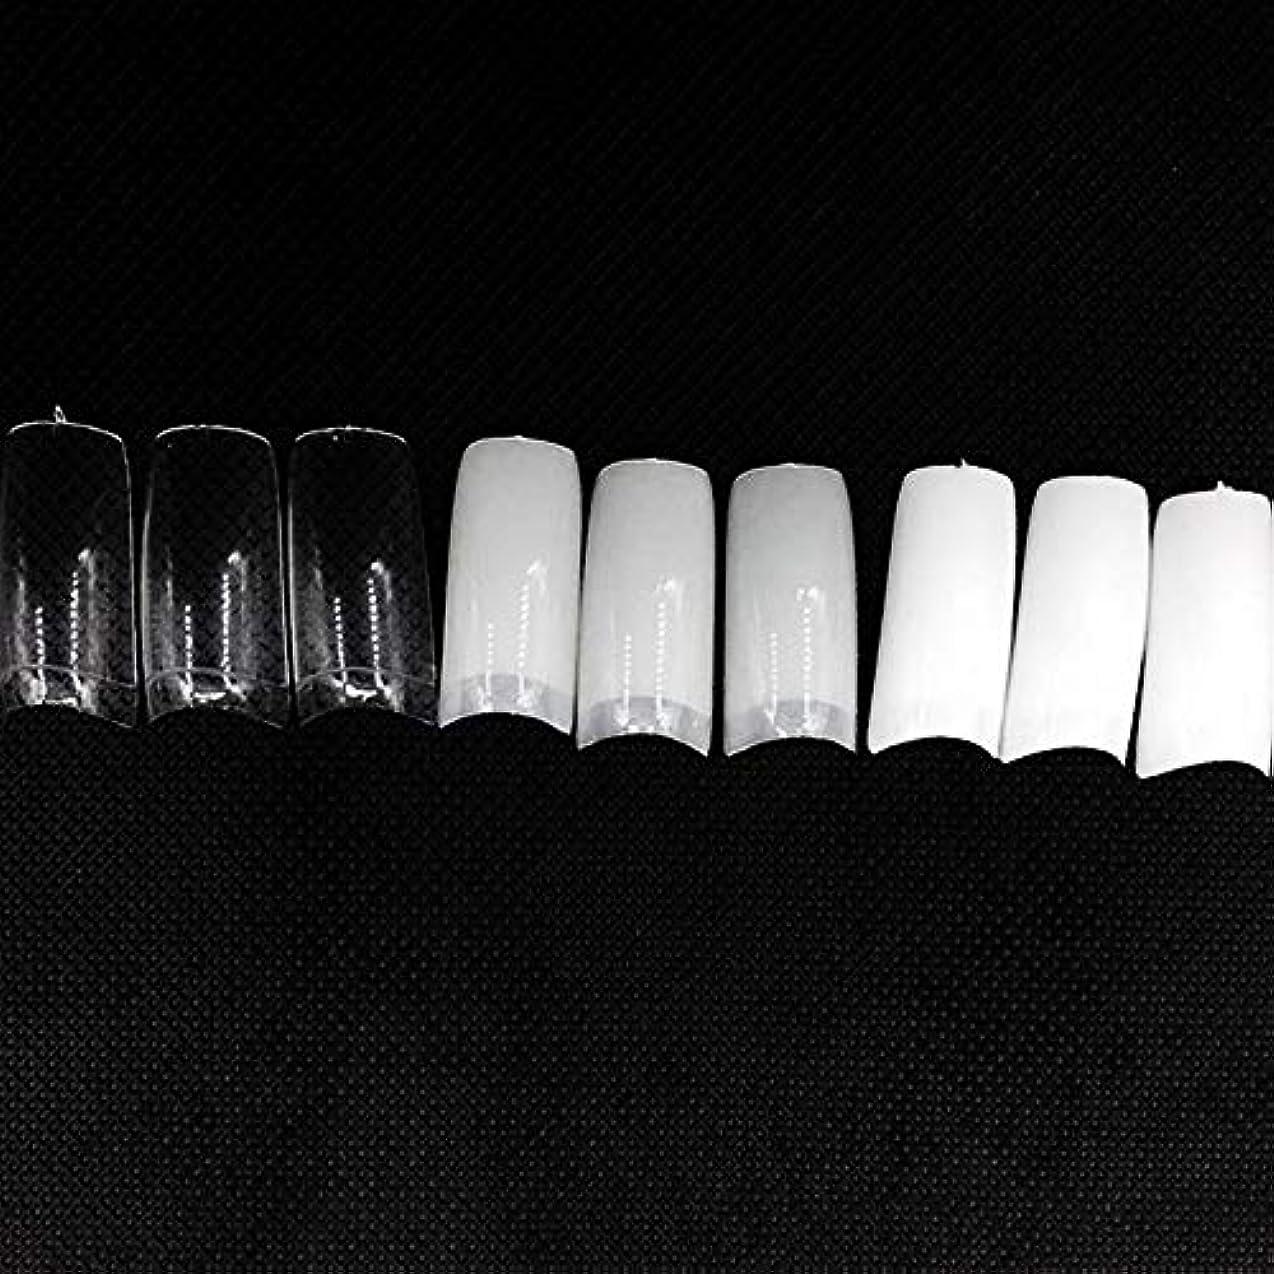 単独でスカーフ不変ネイルチップ つけ爪 偽爪 無地 ロング オーバル 10サイズ デコレーション フルチップ シンプル DIY デザイン 500個/セット Moomai